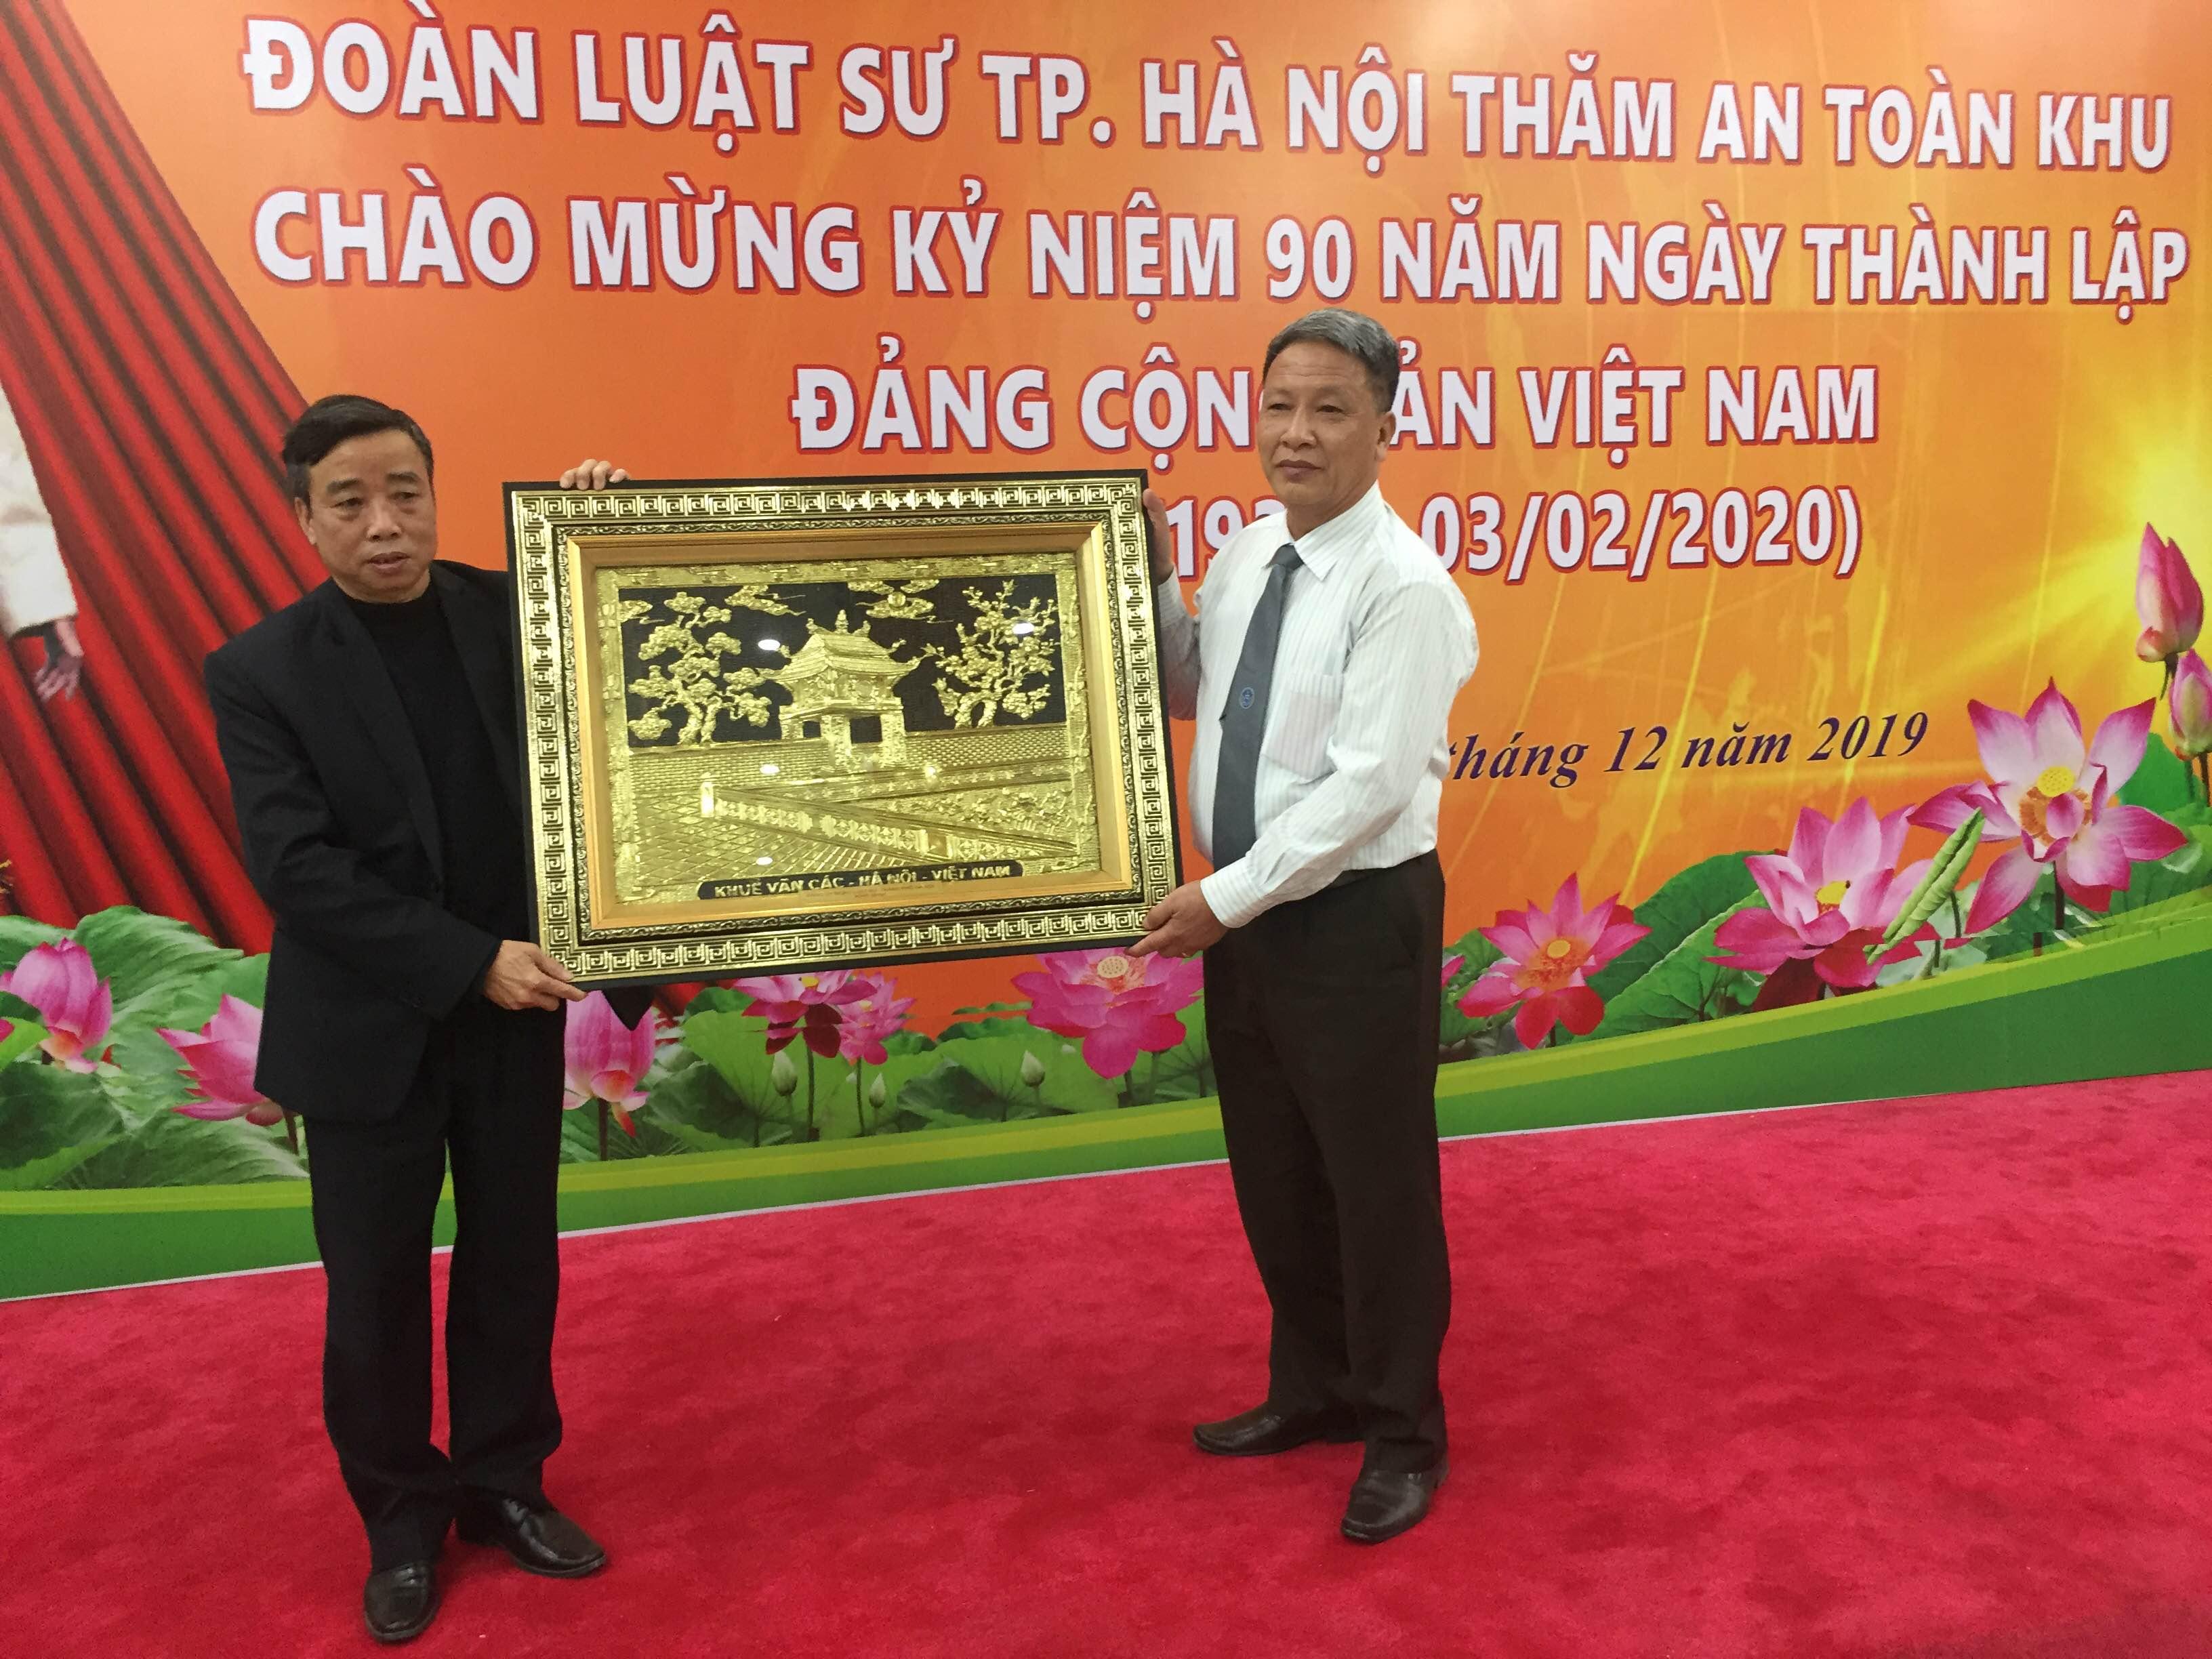 Chương trình hoạt động- giao lưu về nguồn của Đảng bộ Đoàn luật sư TP.Hà Nội chào mừng kỉ niệm 90 năm thành lập ĐCSVN - ảnh 1